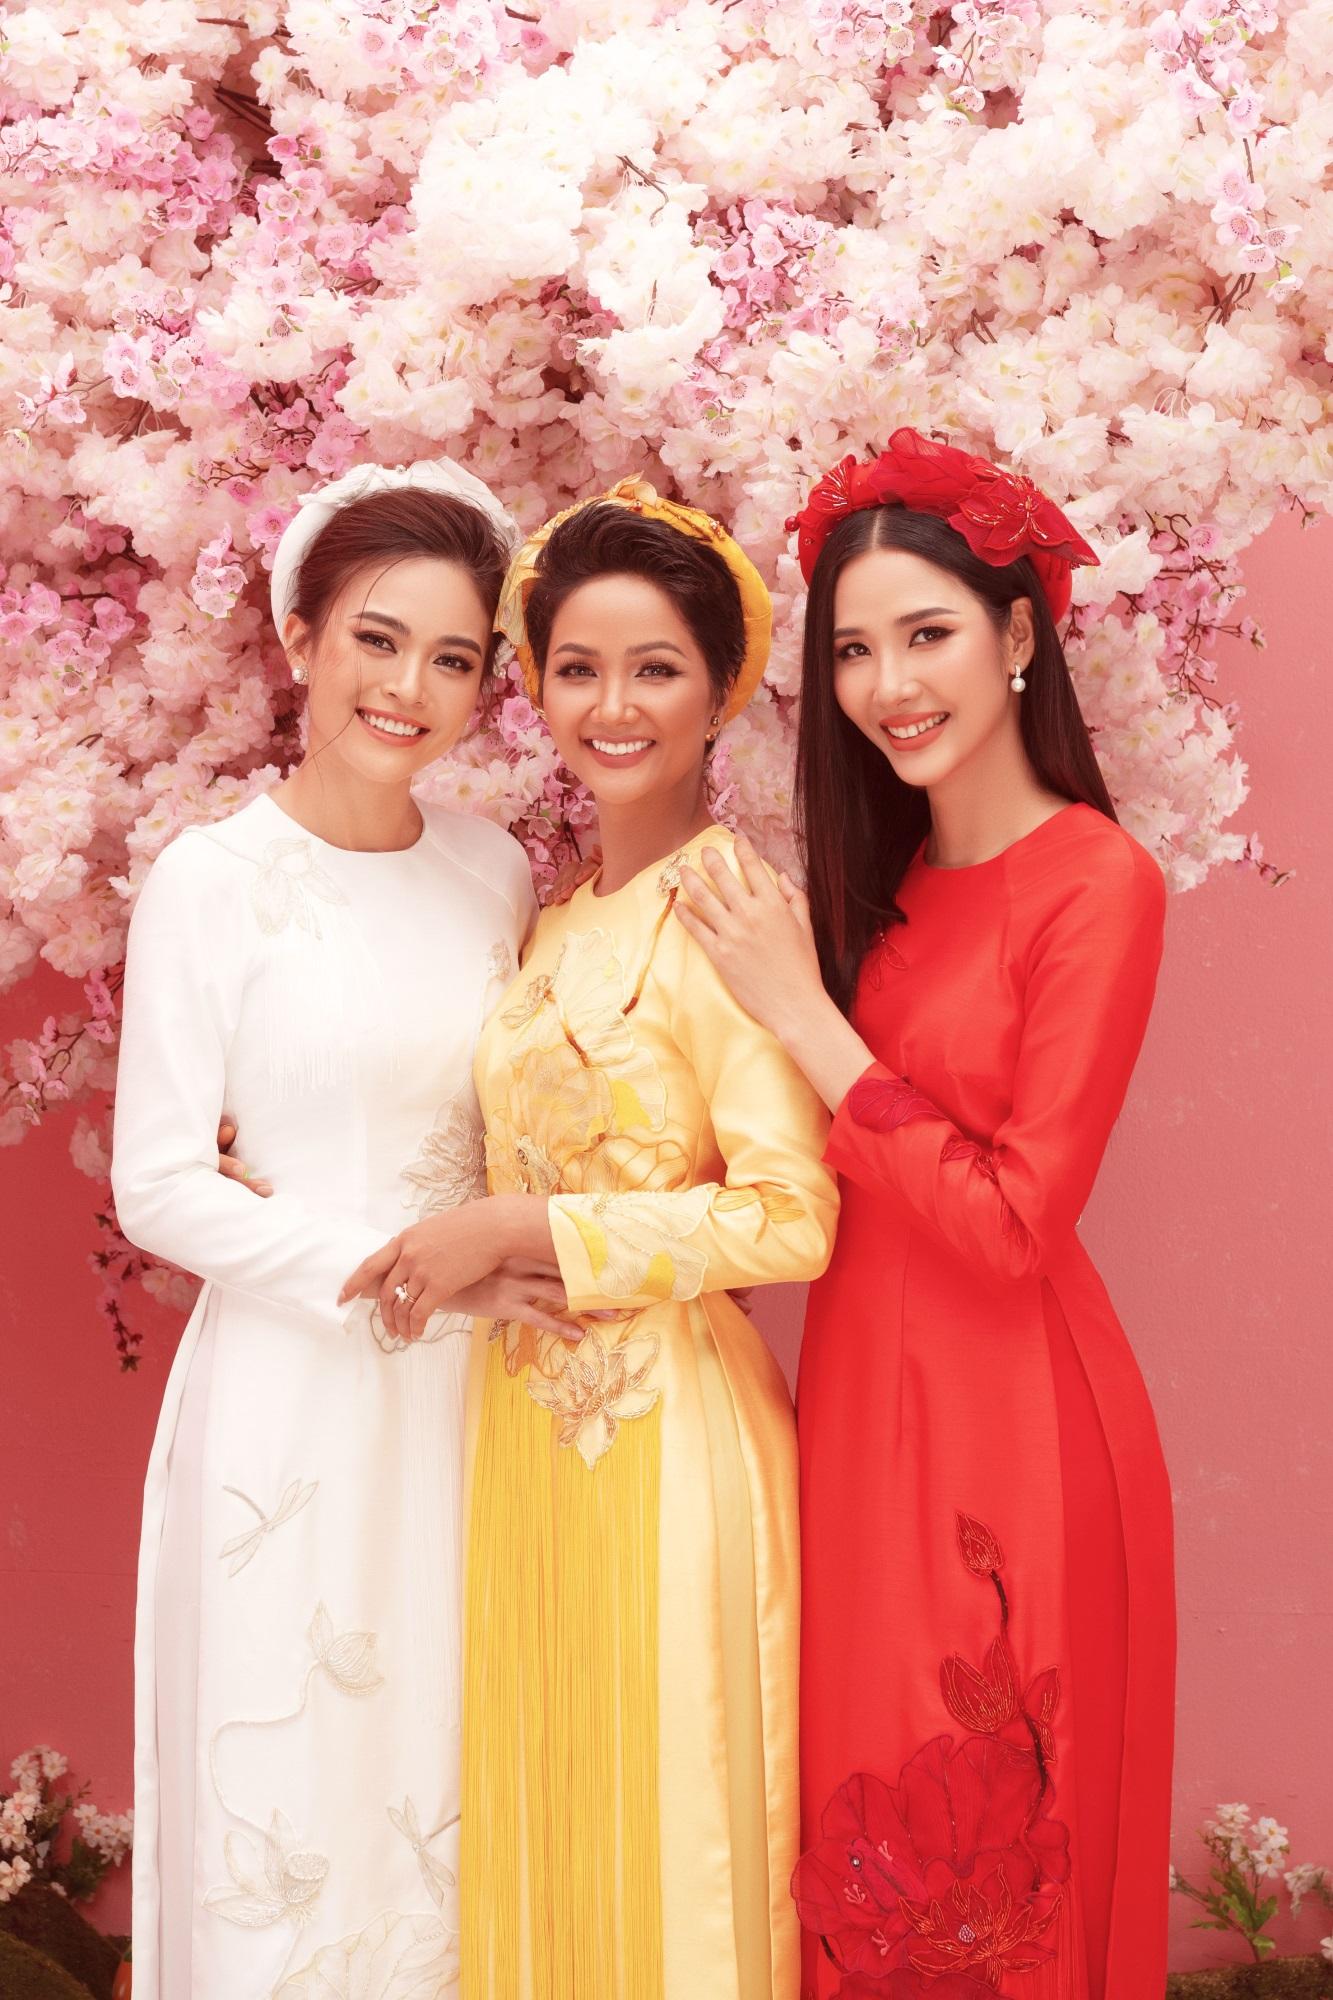 Ba nàng Hậu Việt Nam - H'Hen Niê, Á hậu Mâu Thủy, Hoàng Thùy 'đọ sắc' trong bộ ảnh đón Xuân Kỷ Hợi - Ảnh 1